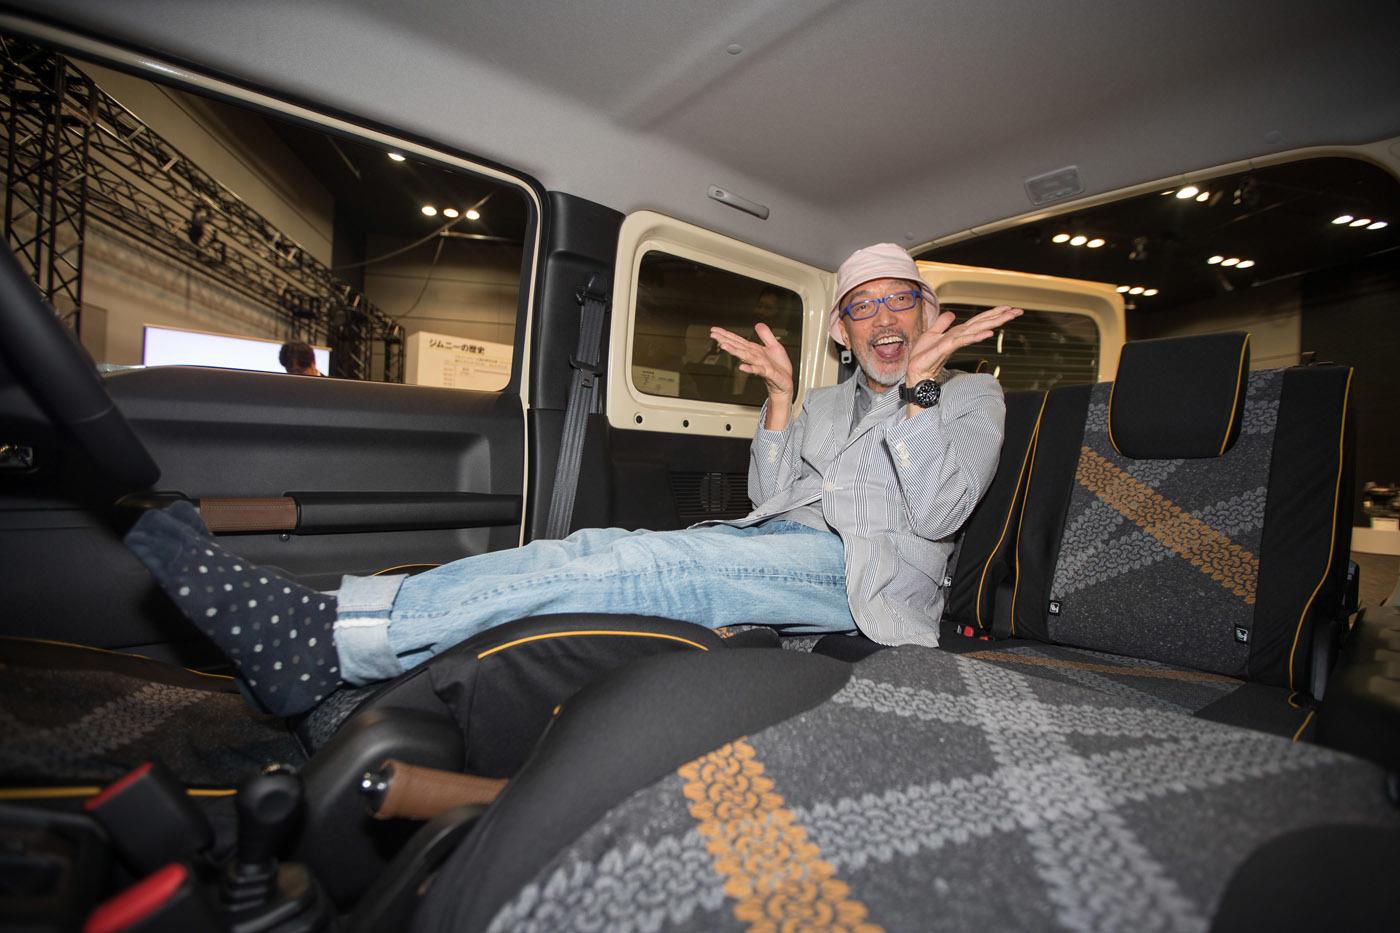 わりと本気で購入を狙って室内をチェックするテリー氏。フロントシートを倒してフラットにして座り心地を入念にチェック。これなら車中泊もいけそうだ